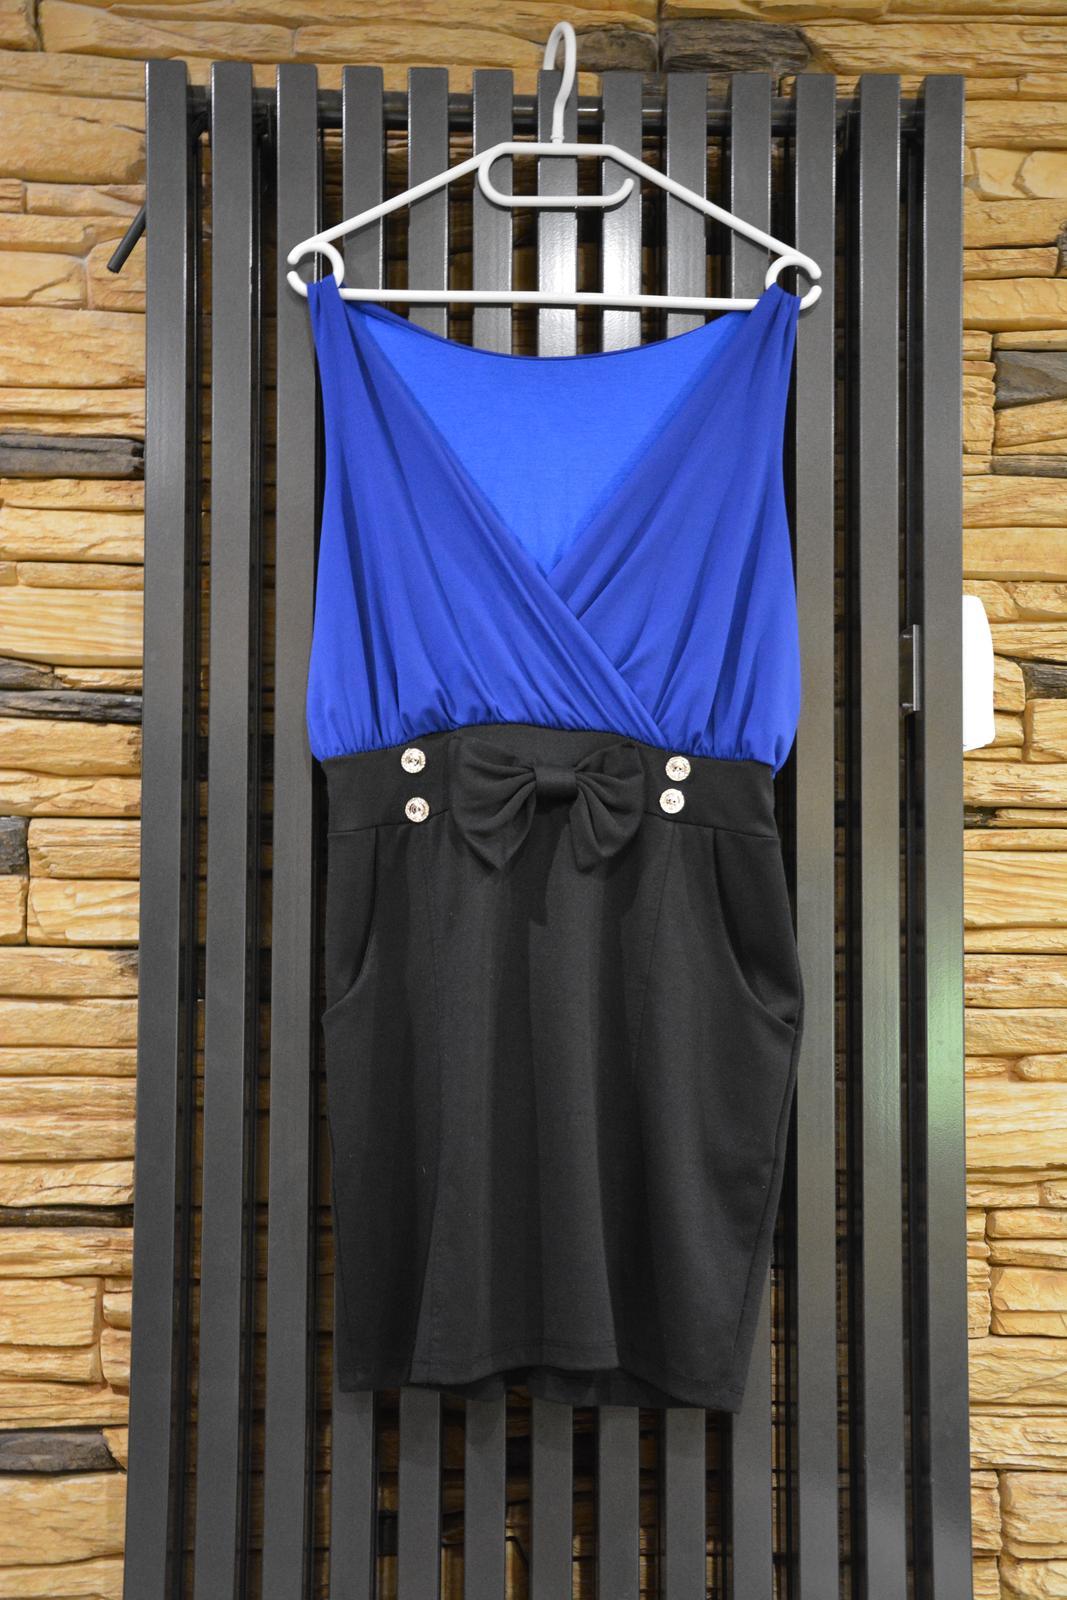 Modro-černé společenské šaty s mašlí - Obrázek č. 1